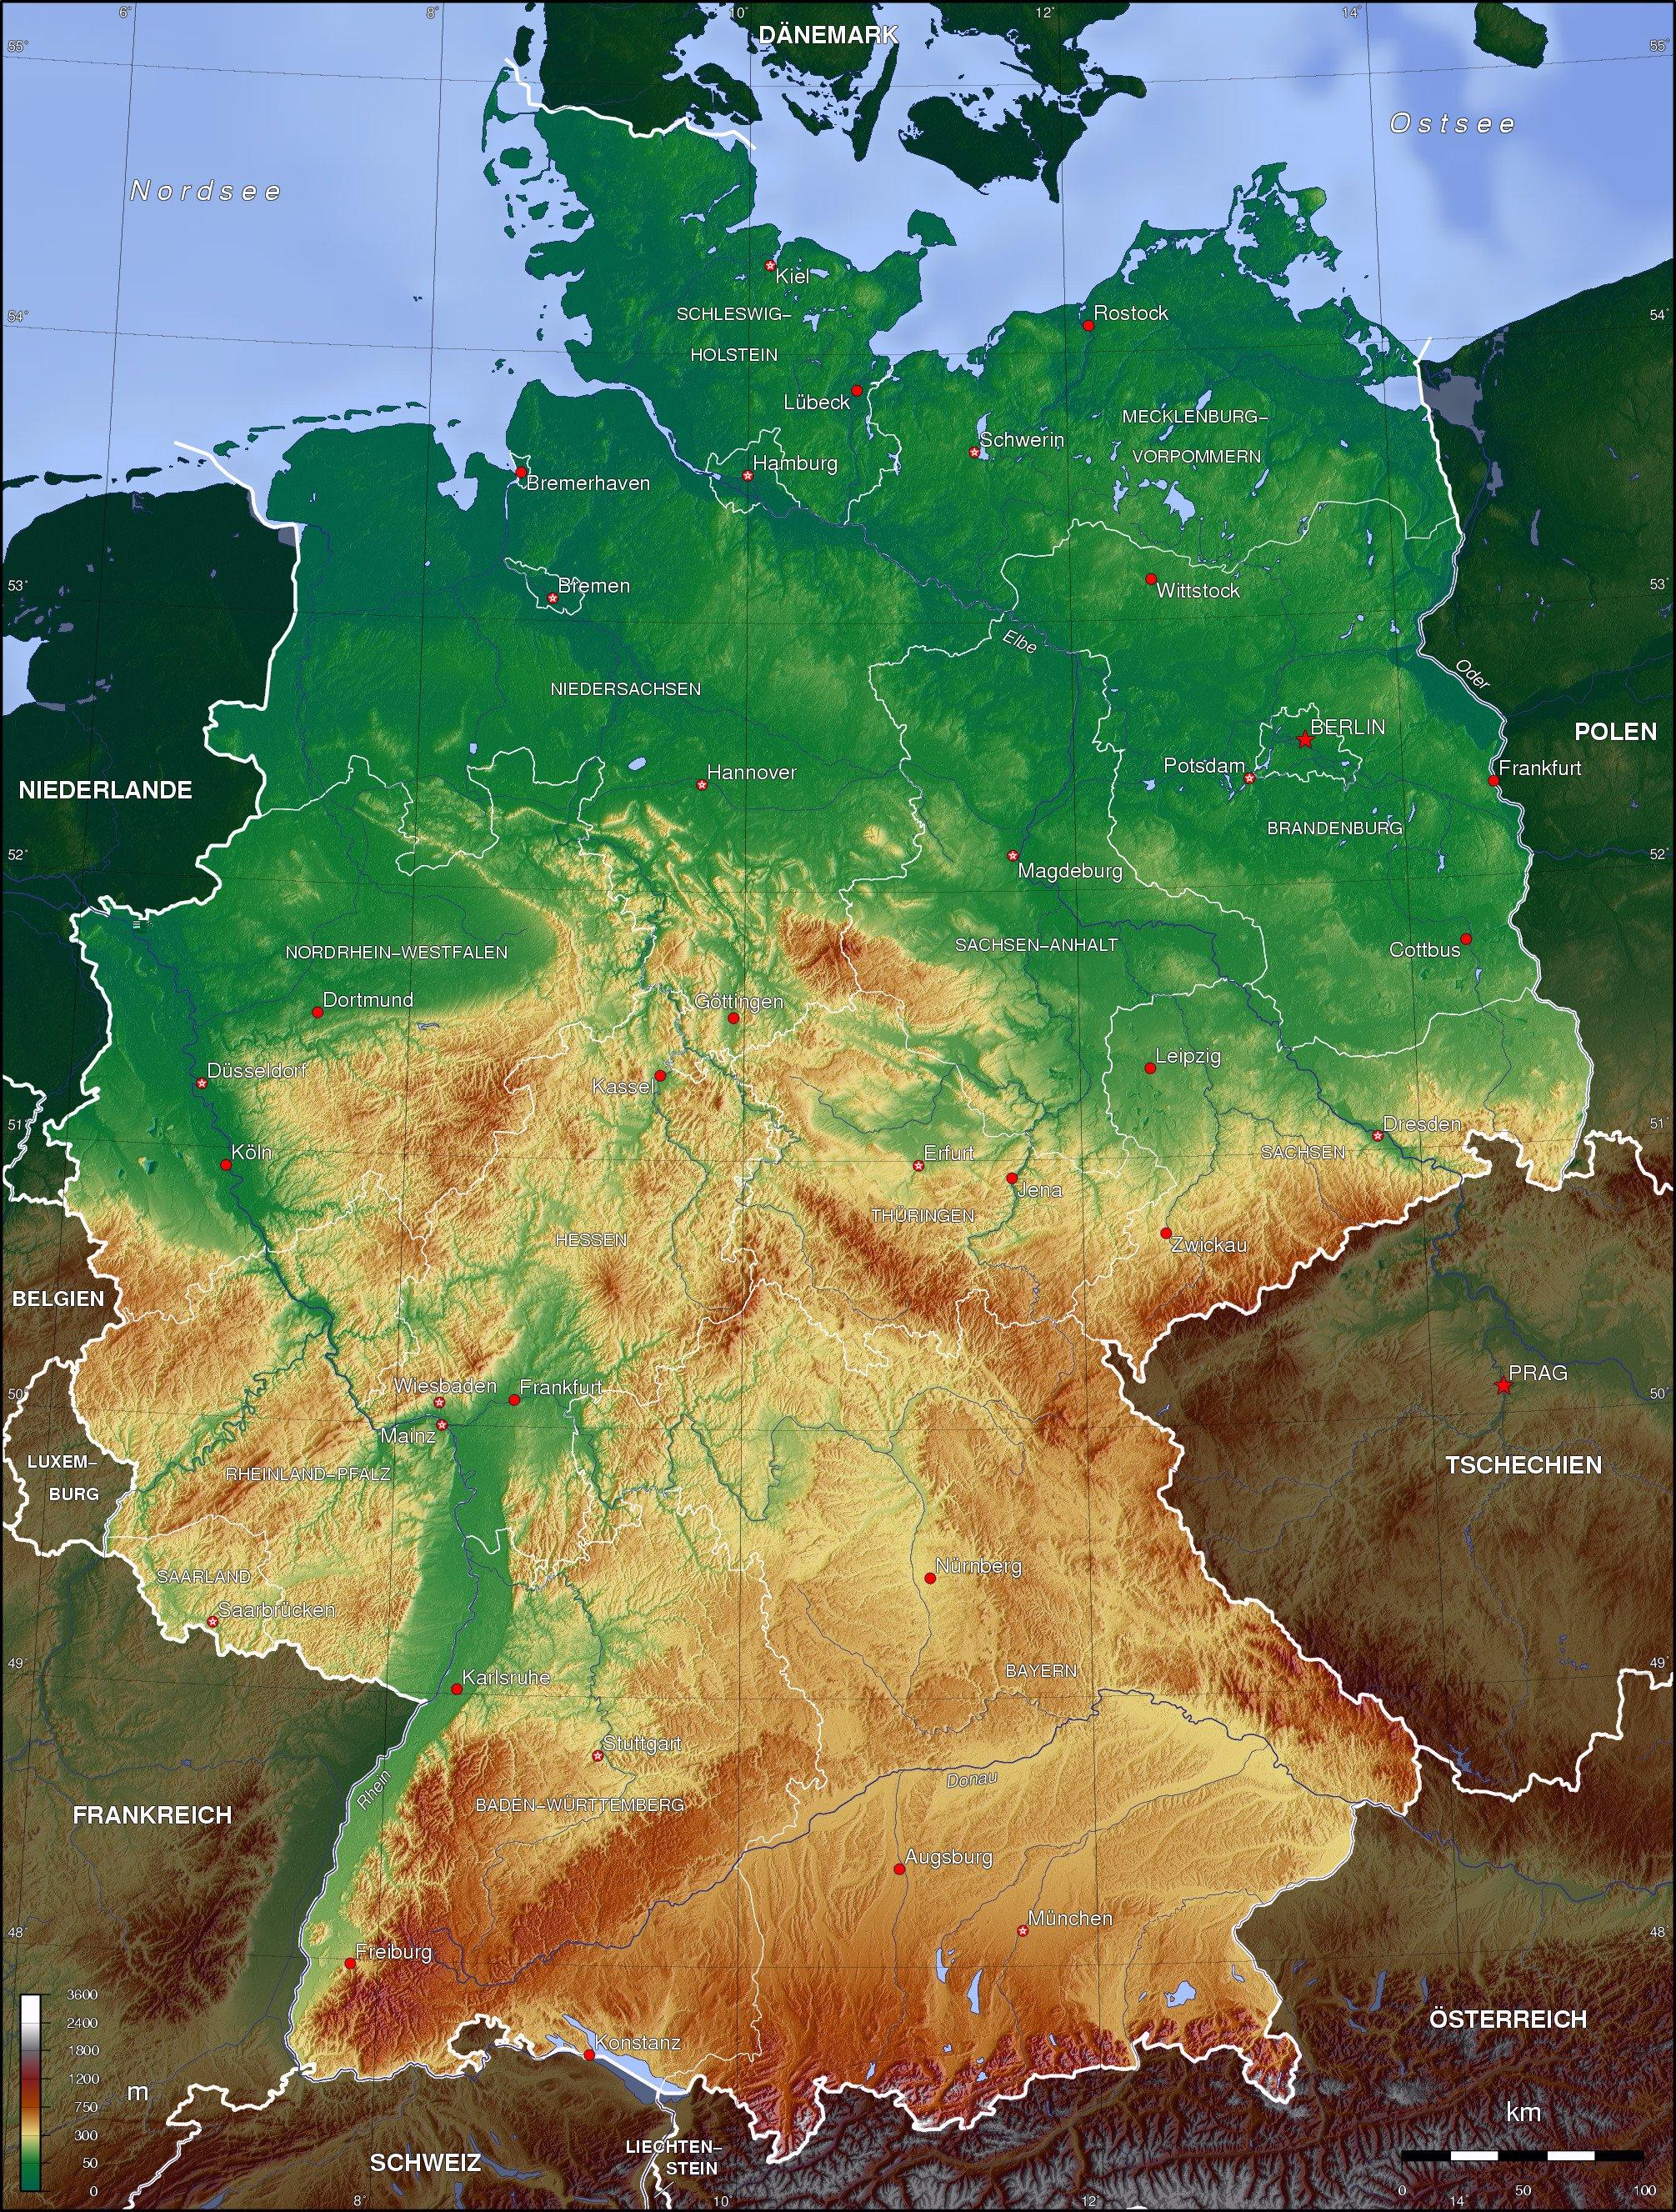 Mapa topográfico de Alemania 2006